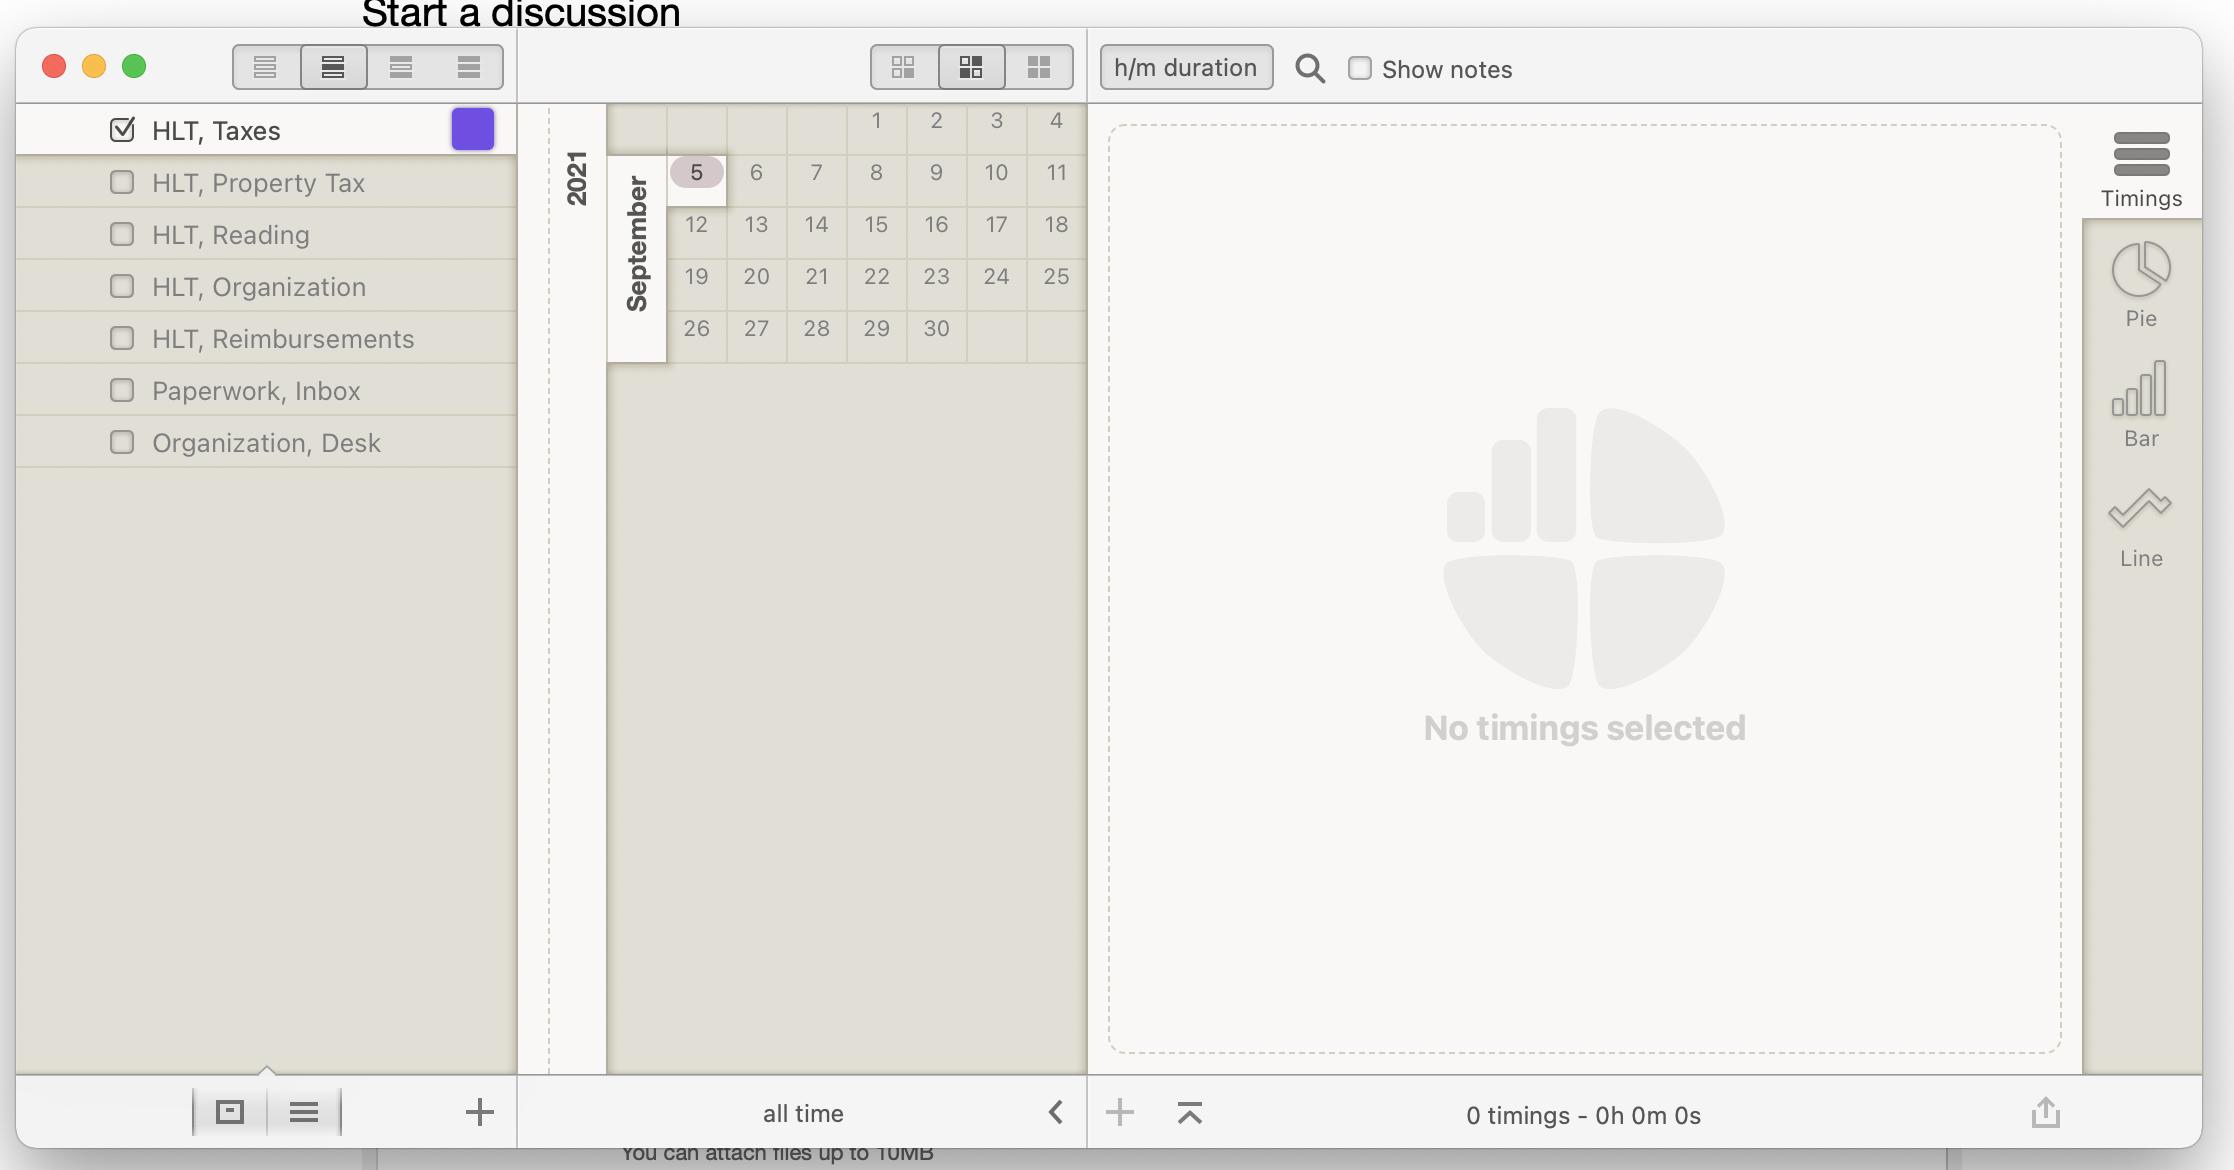 Screen_shot_2021-09-05_at_1.05.16_pm